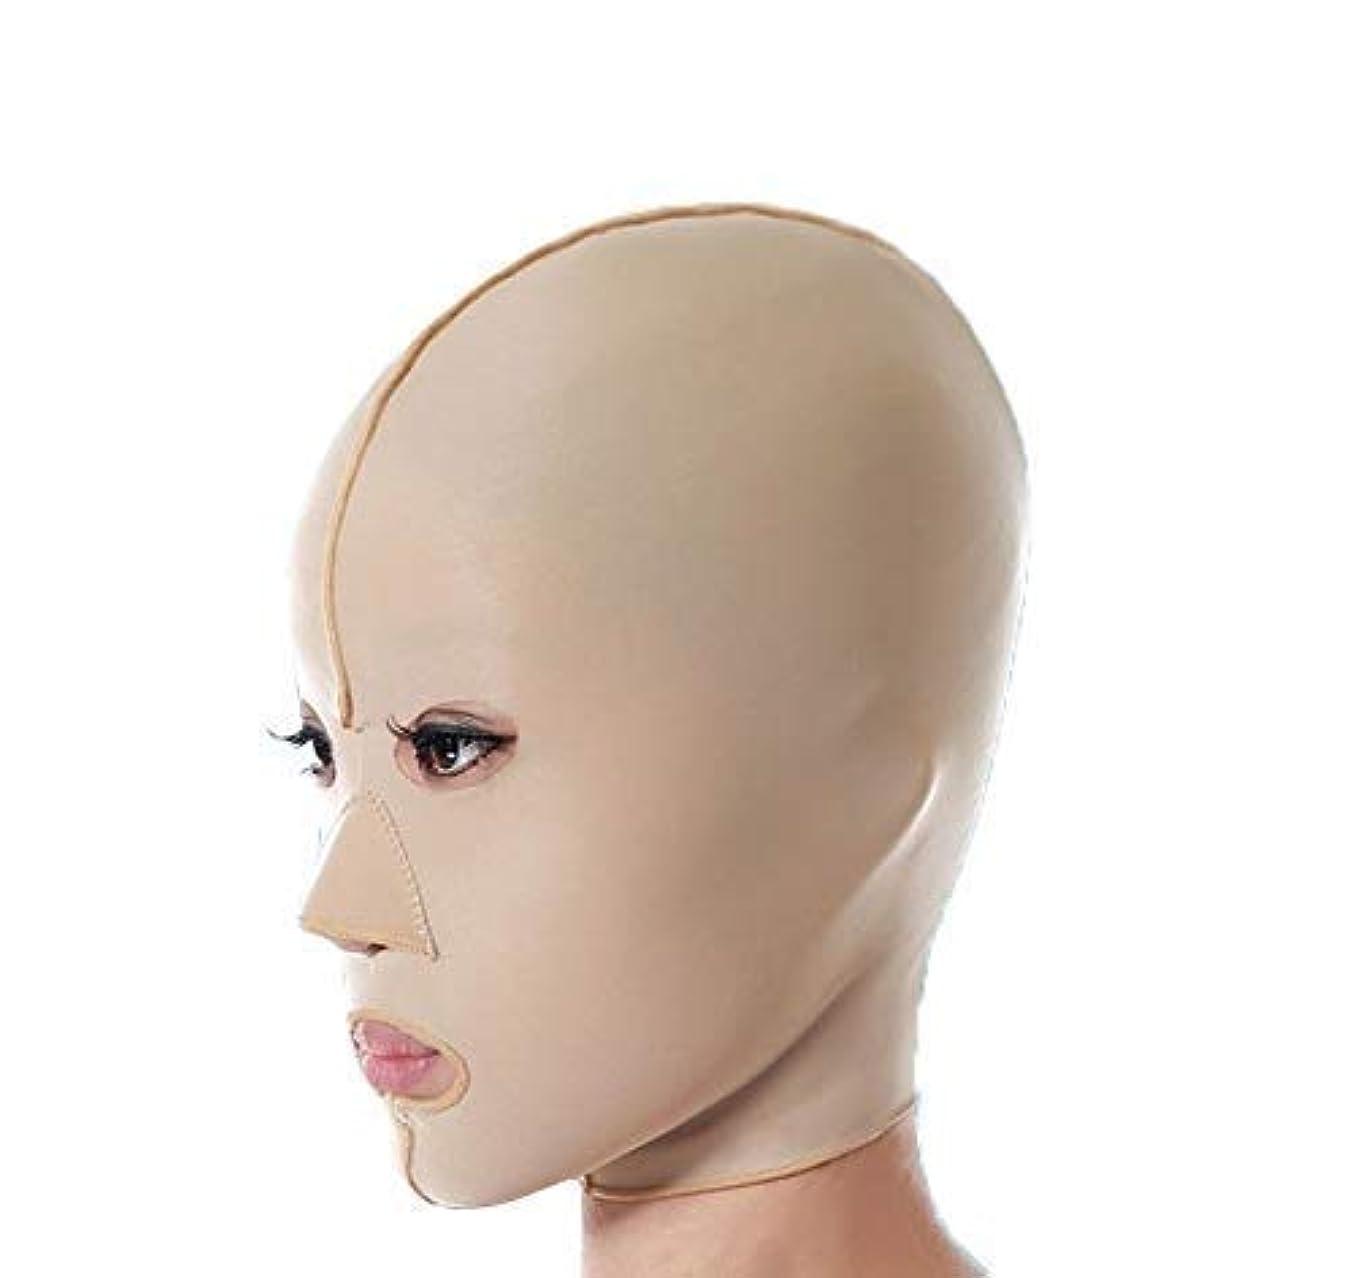 パスタ内部音楽ファーミングフェイスマスク、フェイシャルマスクメディシン強力なフェイスマスクアーティファクト美容たるみ防止ロウパターンフェイシャルリフティングファーミングフルフェイスマスク(サイズ:L)